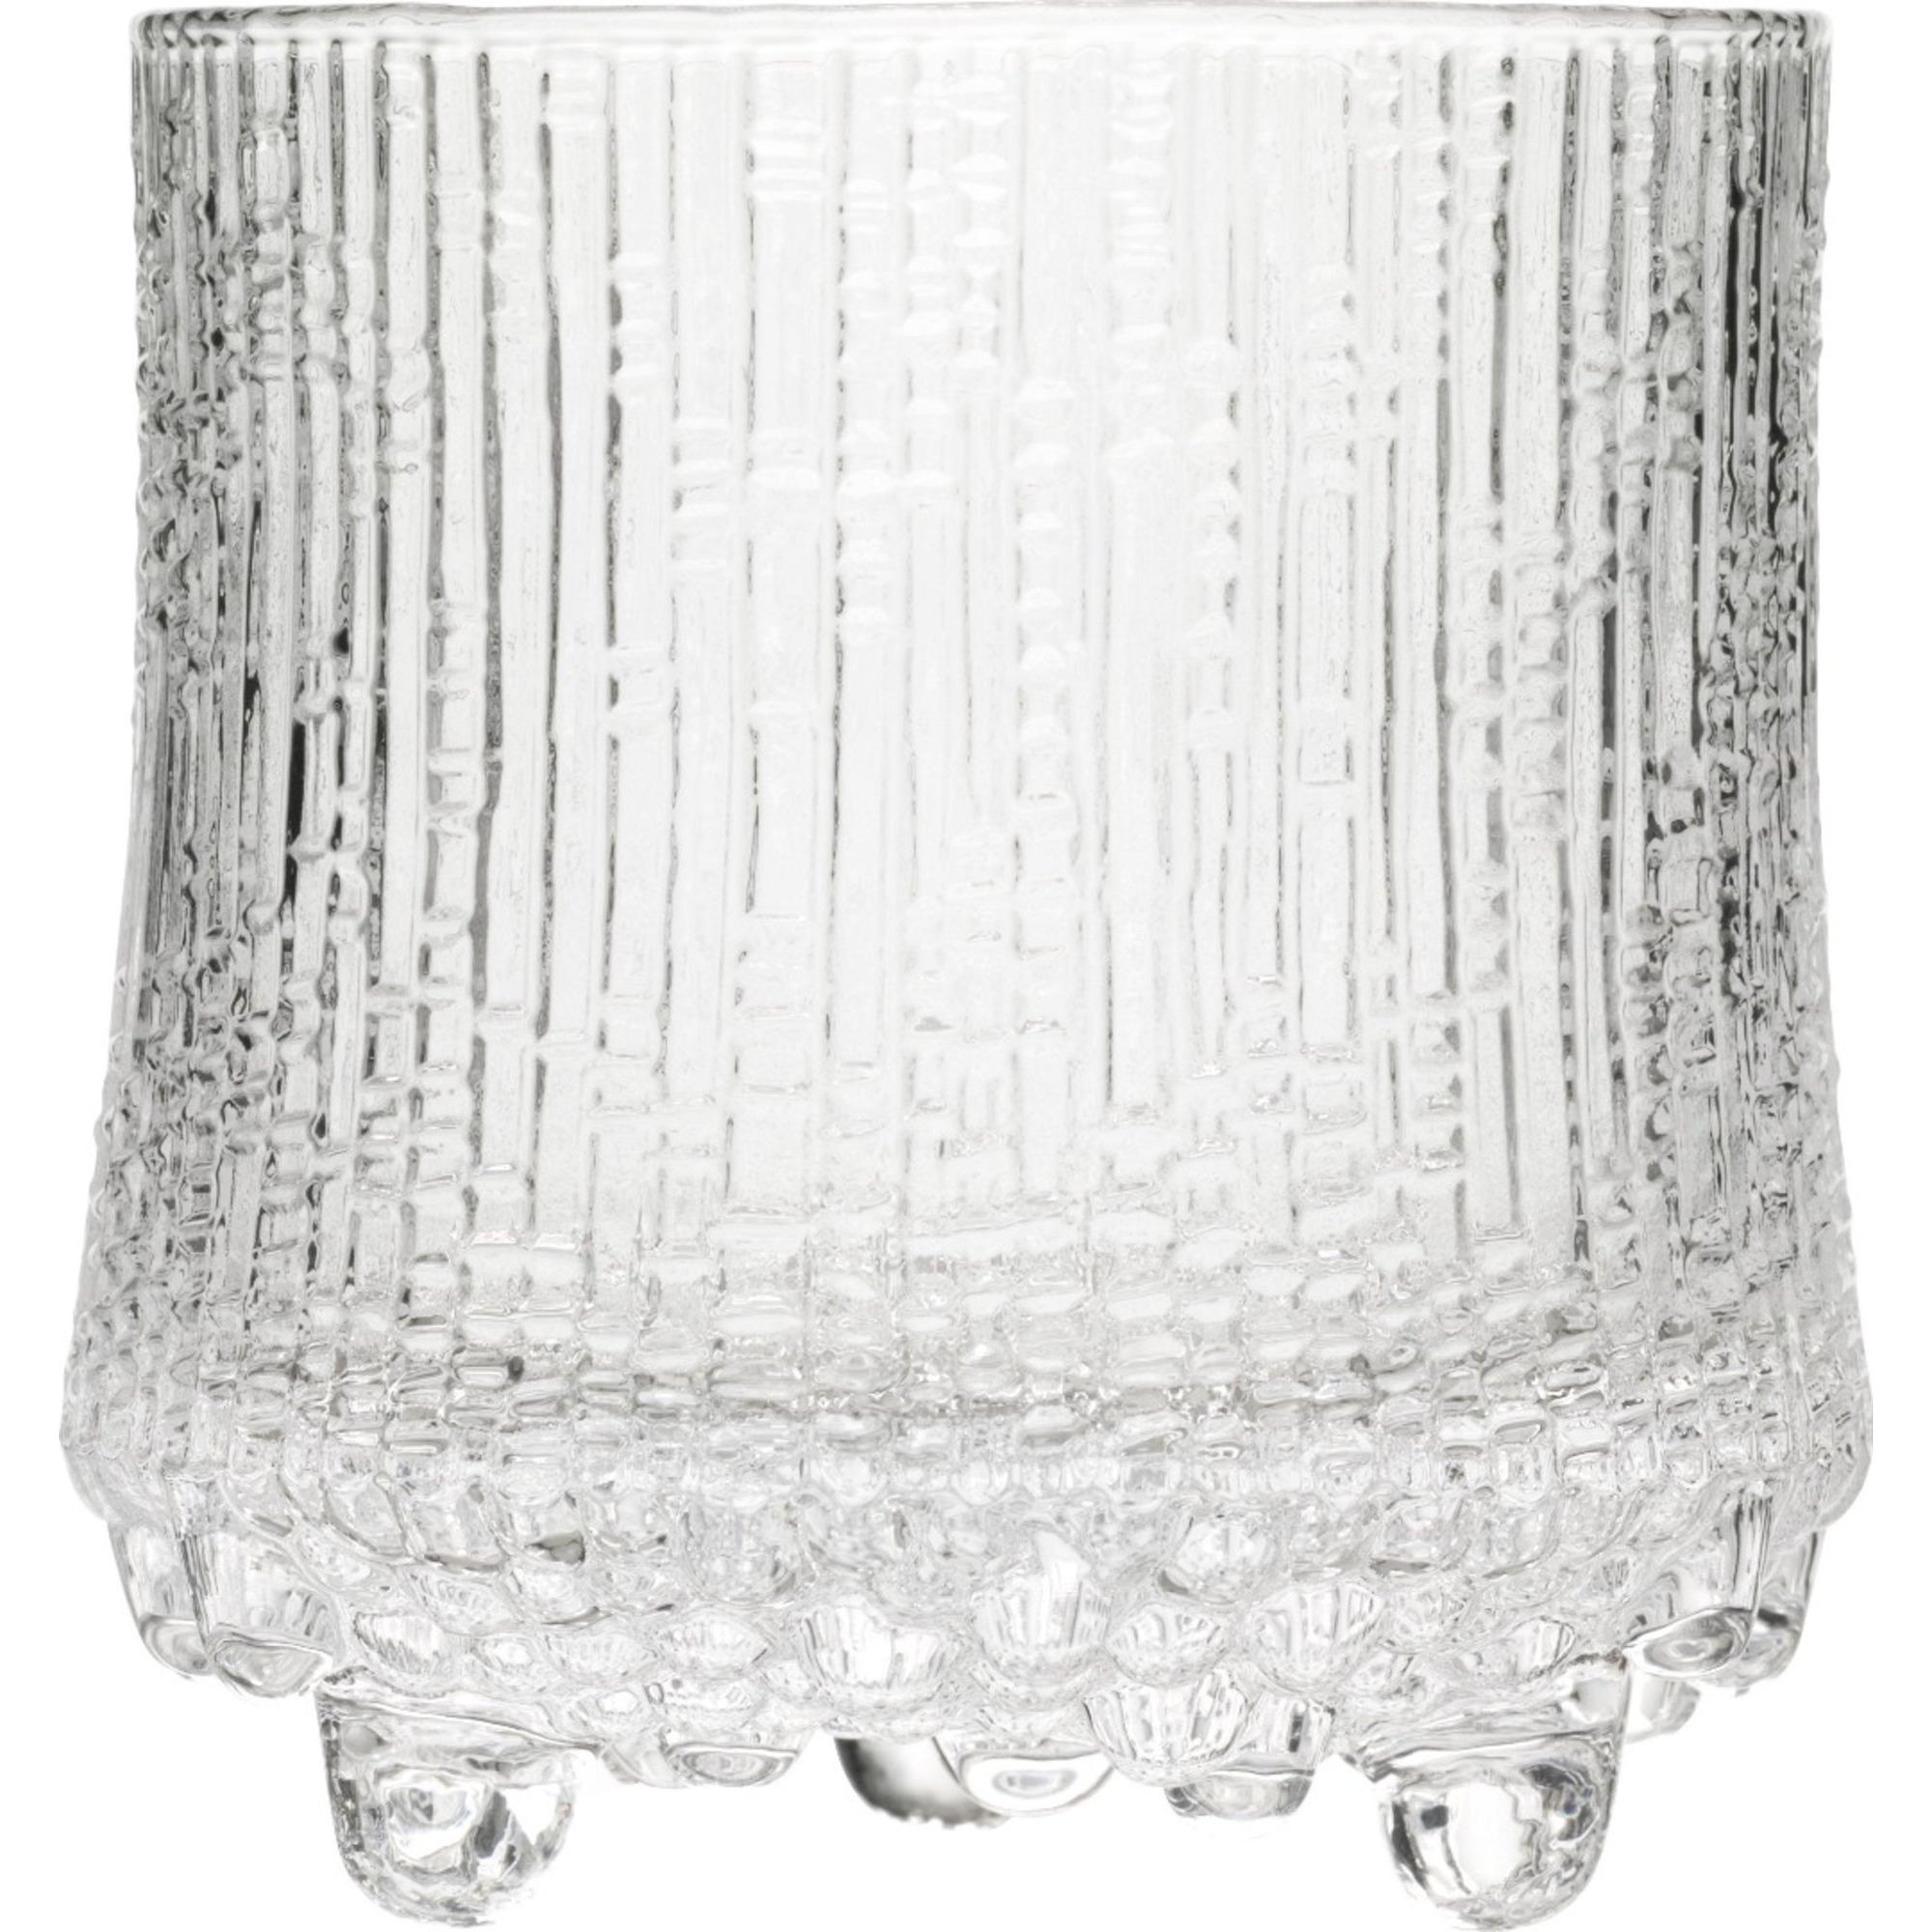 Iittala Ultima Thule whiskyglas 28 cl. 2 stk.